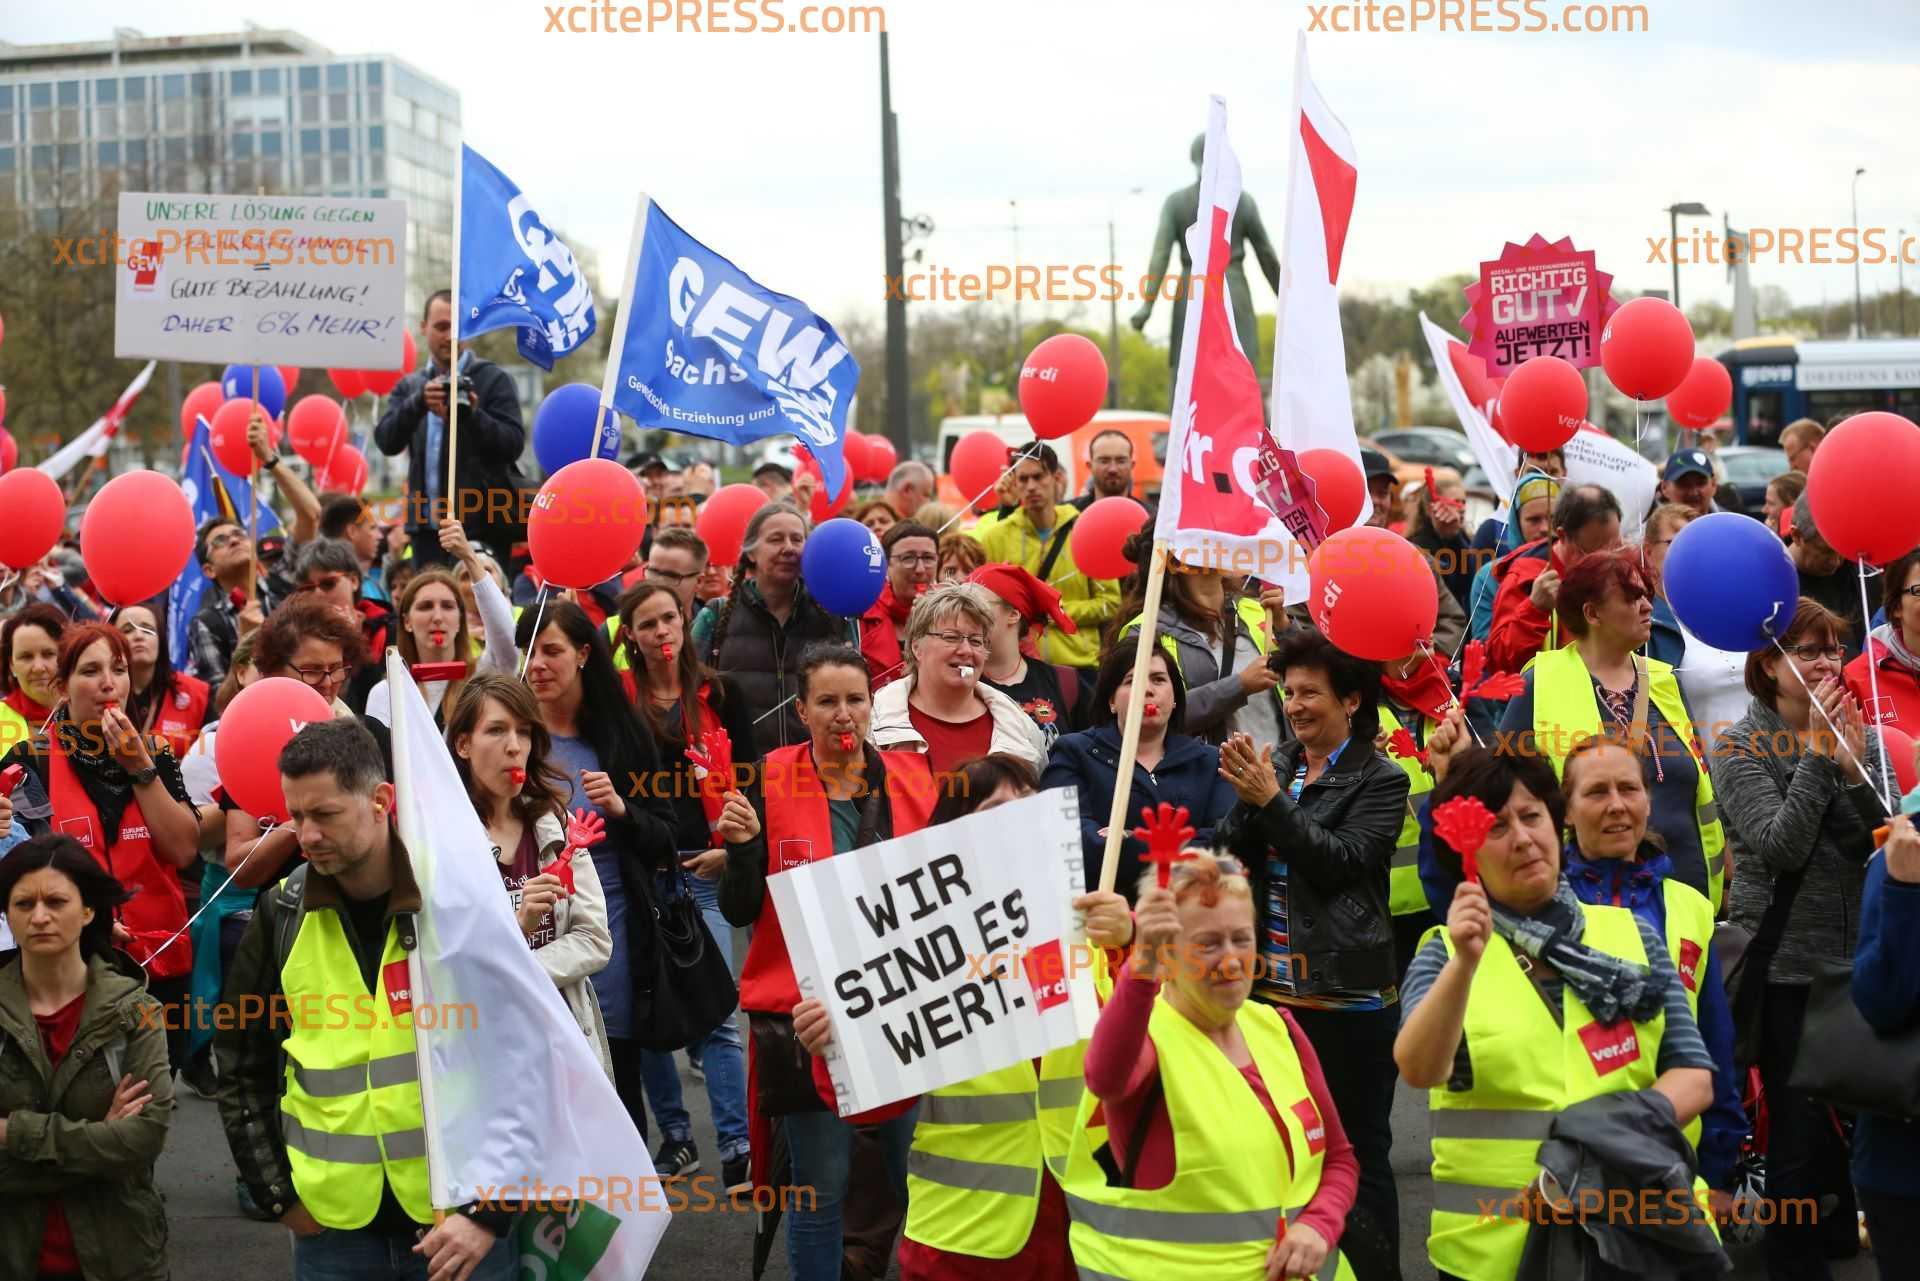 Streik in Dresden: Hunderte Erzieher vor Rathausplatz: Verschiedene Gewerkschaften hatten zu Streik aufgerufen